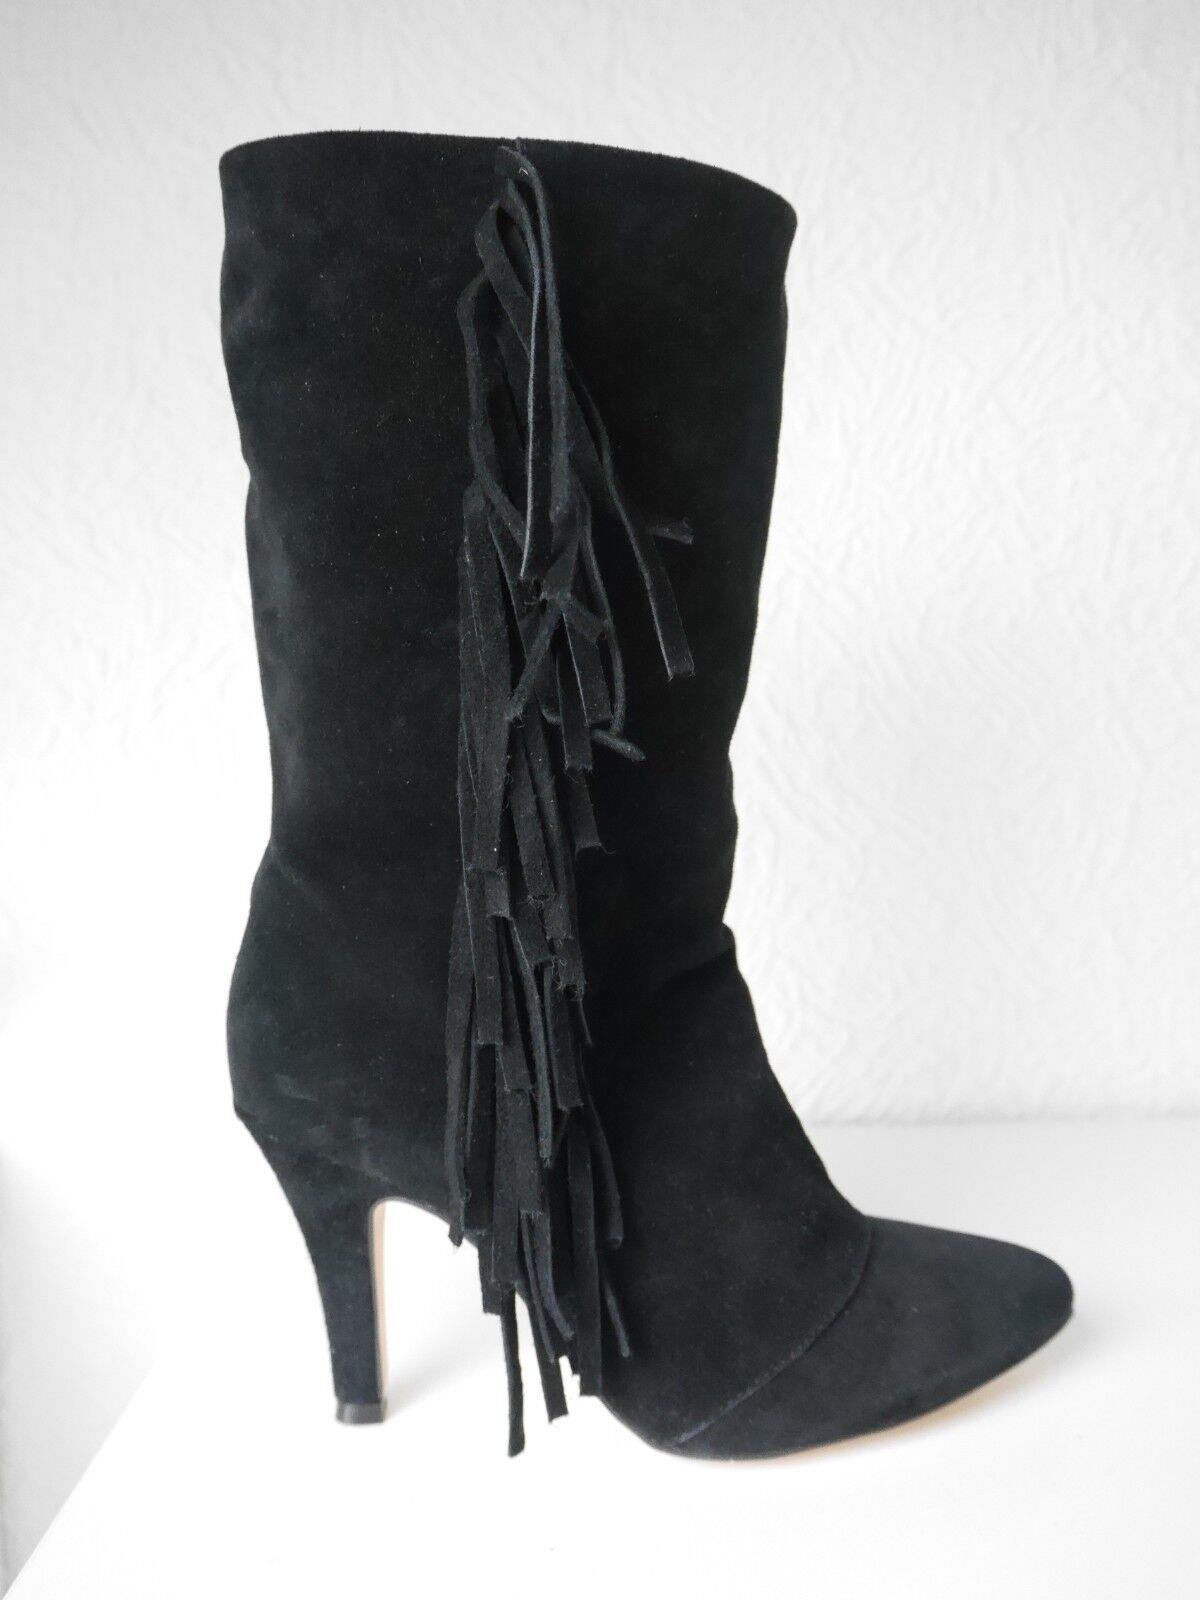 Ipekyol Stiefel Stiefeletten schwarz Leder Leder Leder Wildleder Fransen Gr. 39 NEU  | Qualität Produkt  2885c9